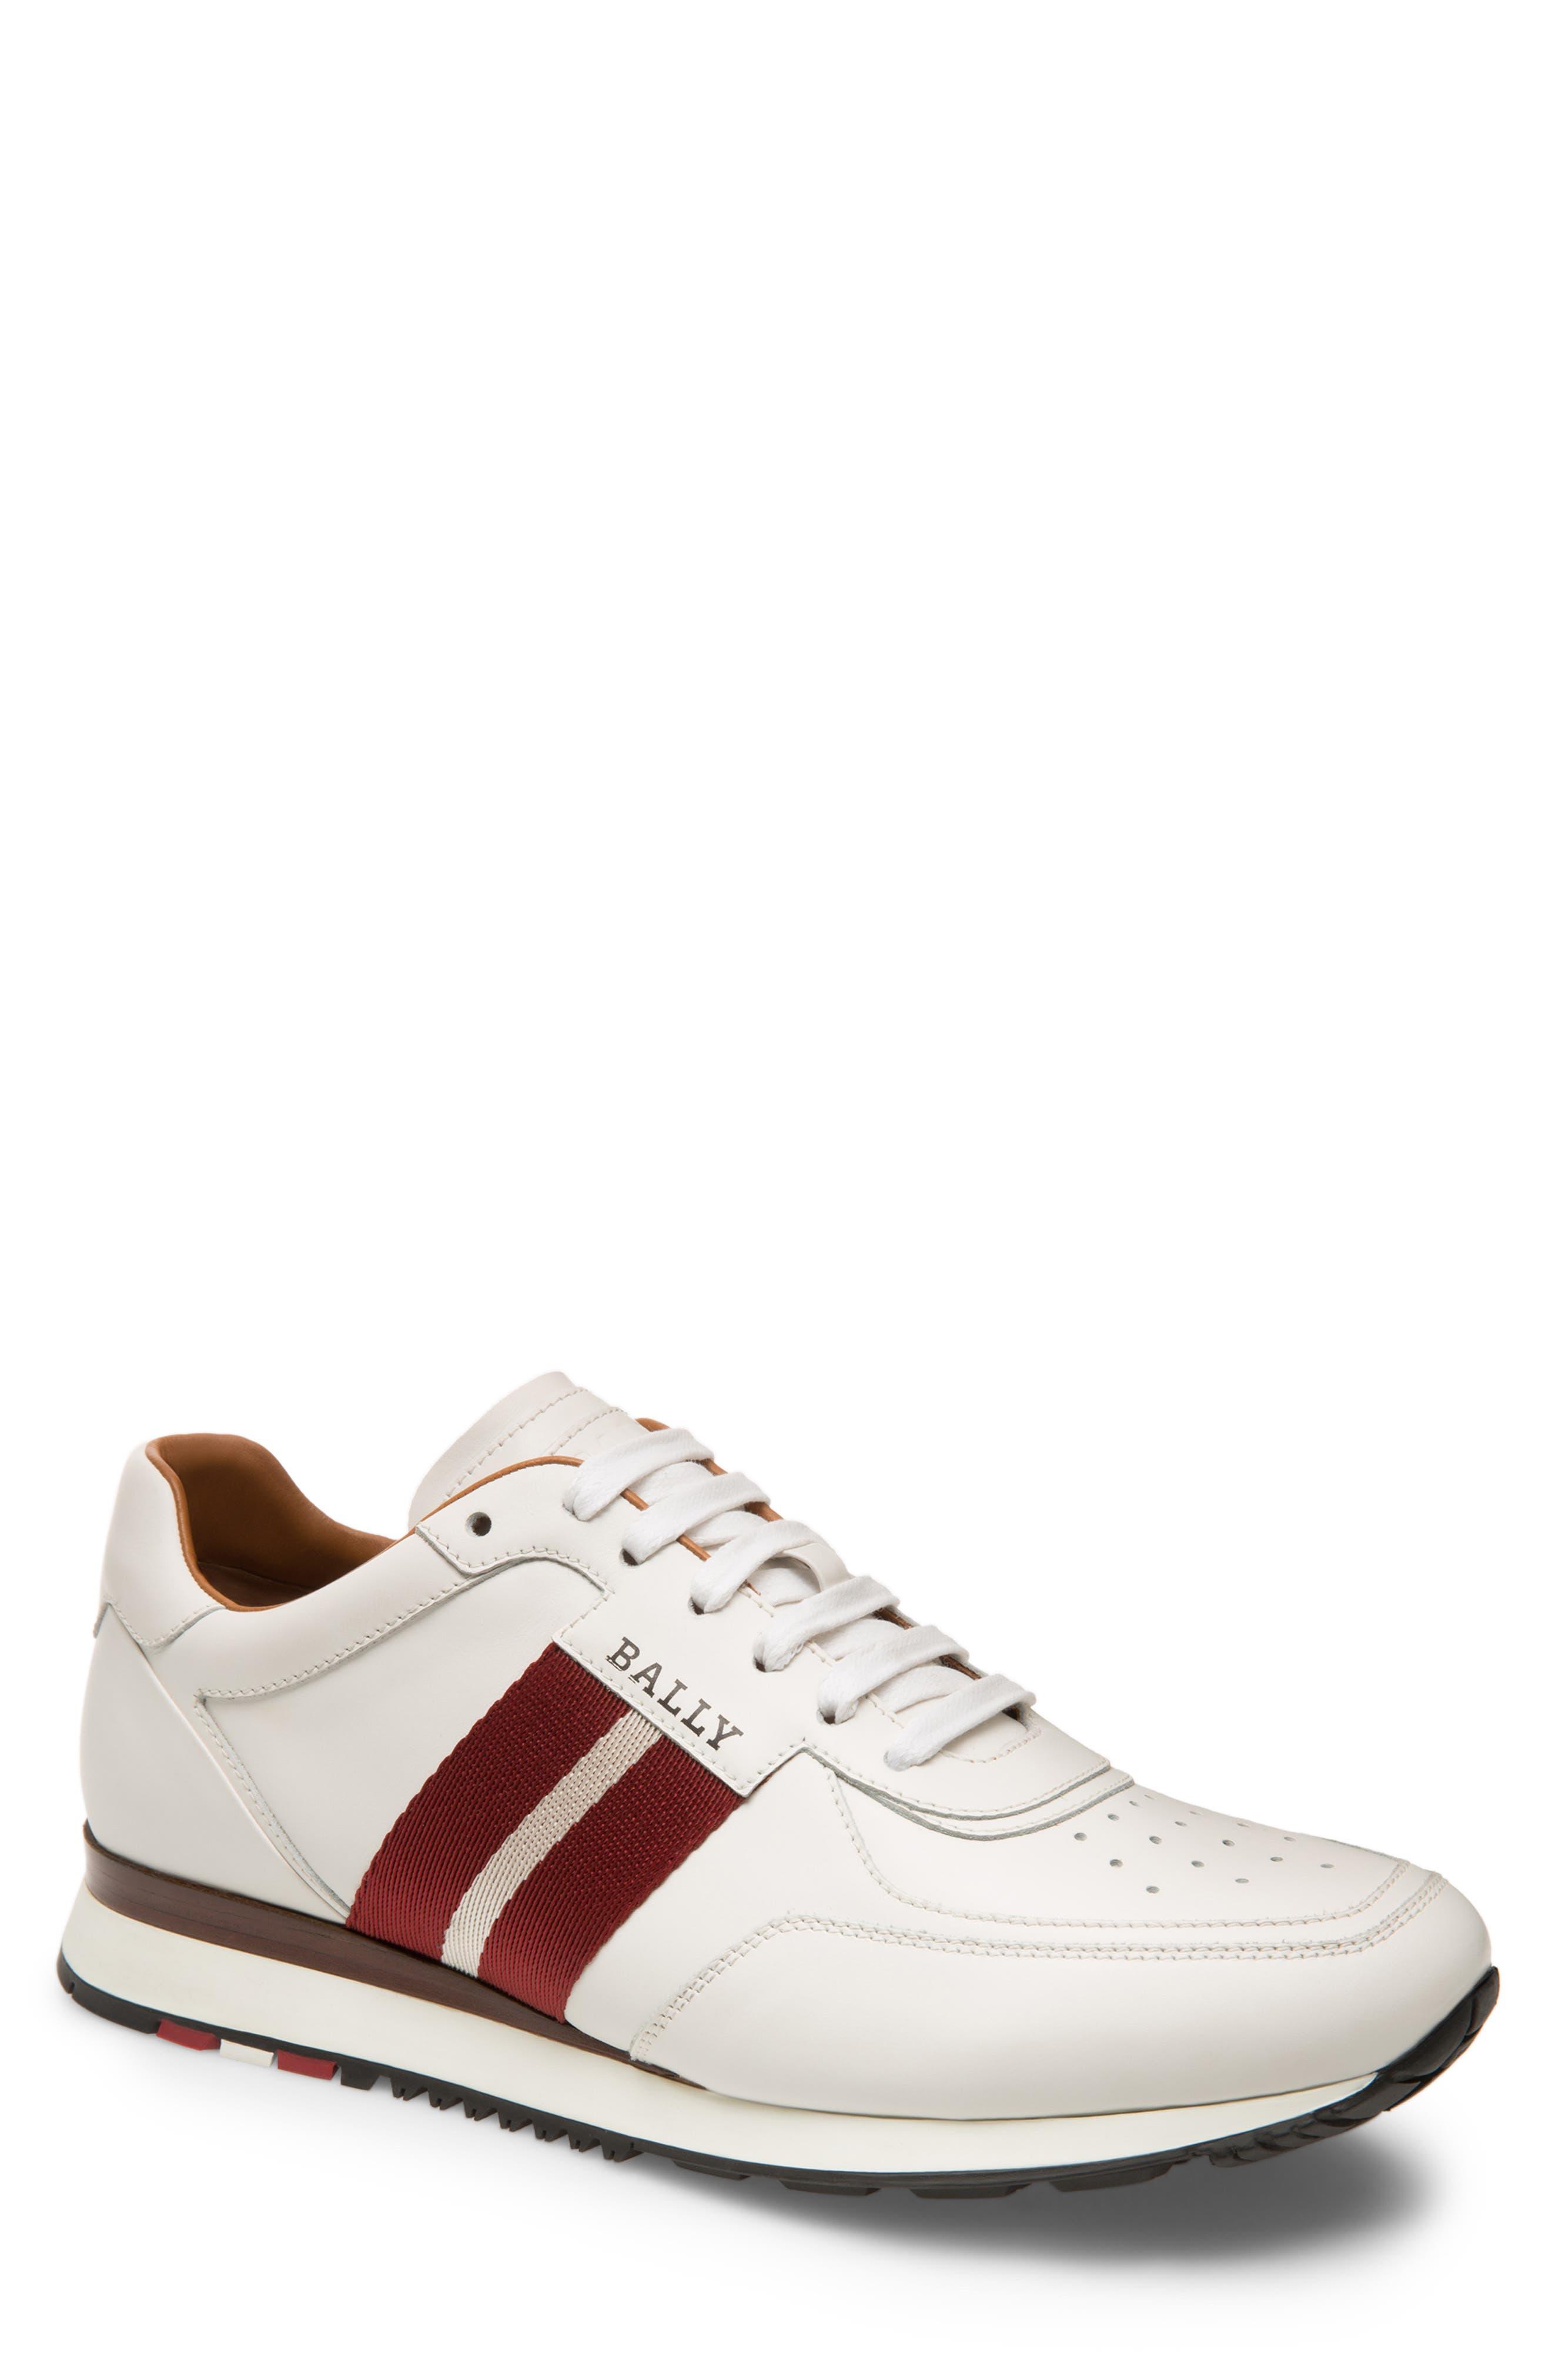 BALLY | Astion Sneaker | Nordstrom Rack